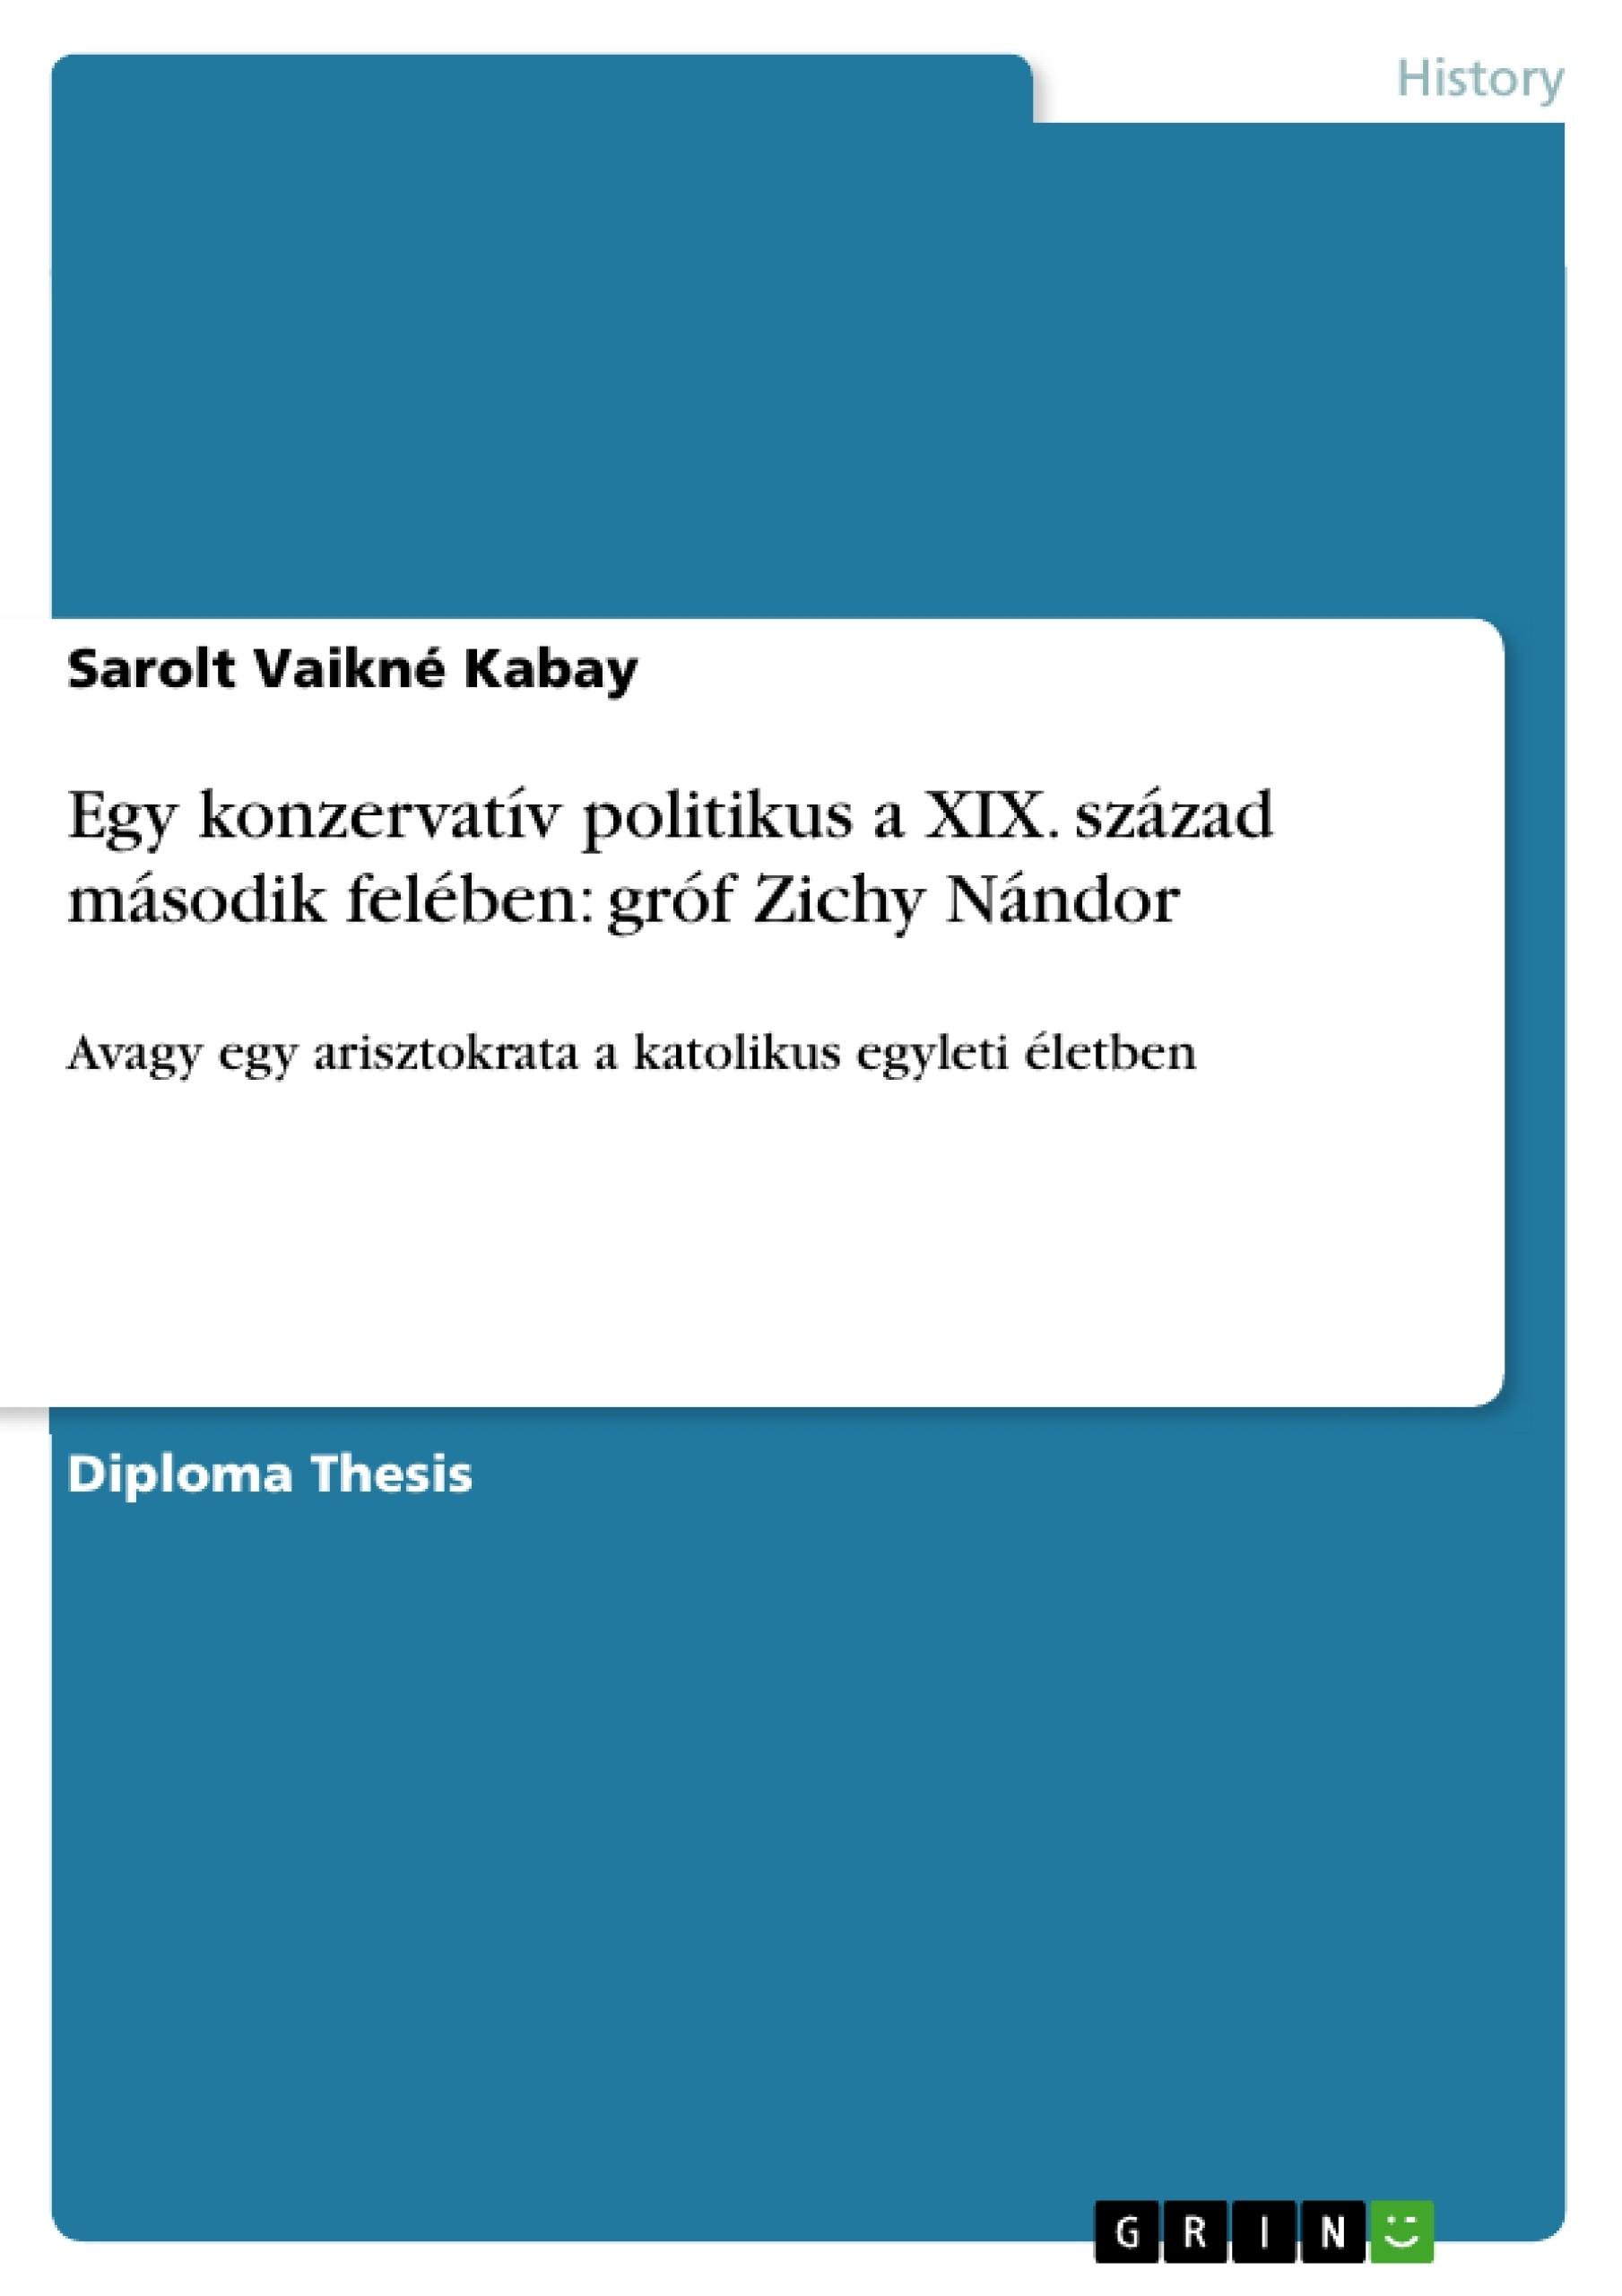 Title: Egy konzervatív politikus a XIX. század második felében: gróf Zichy Nándor